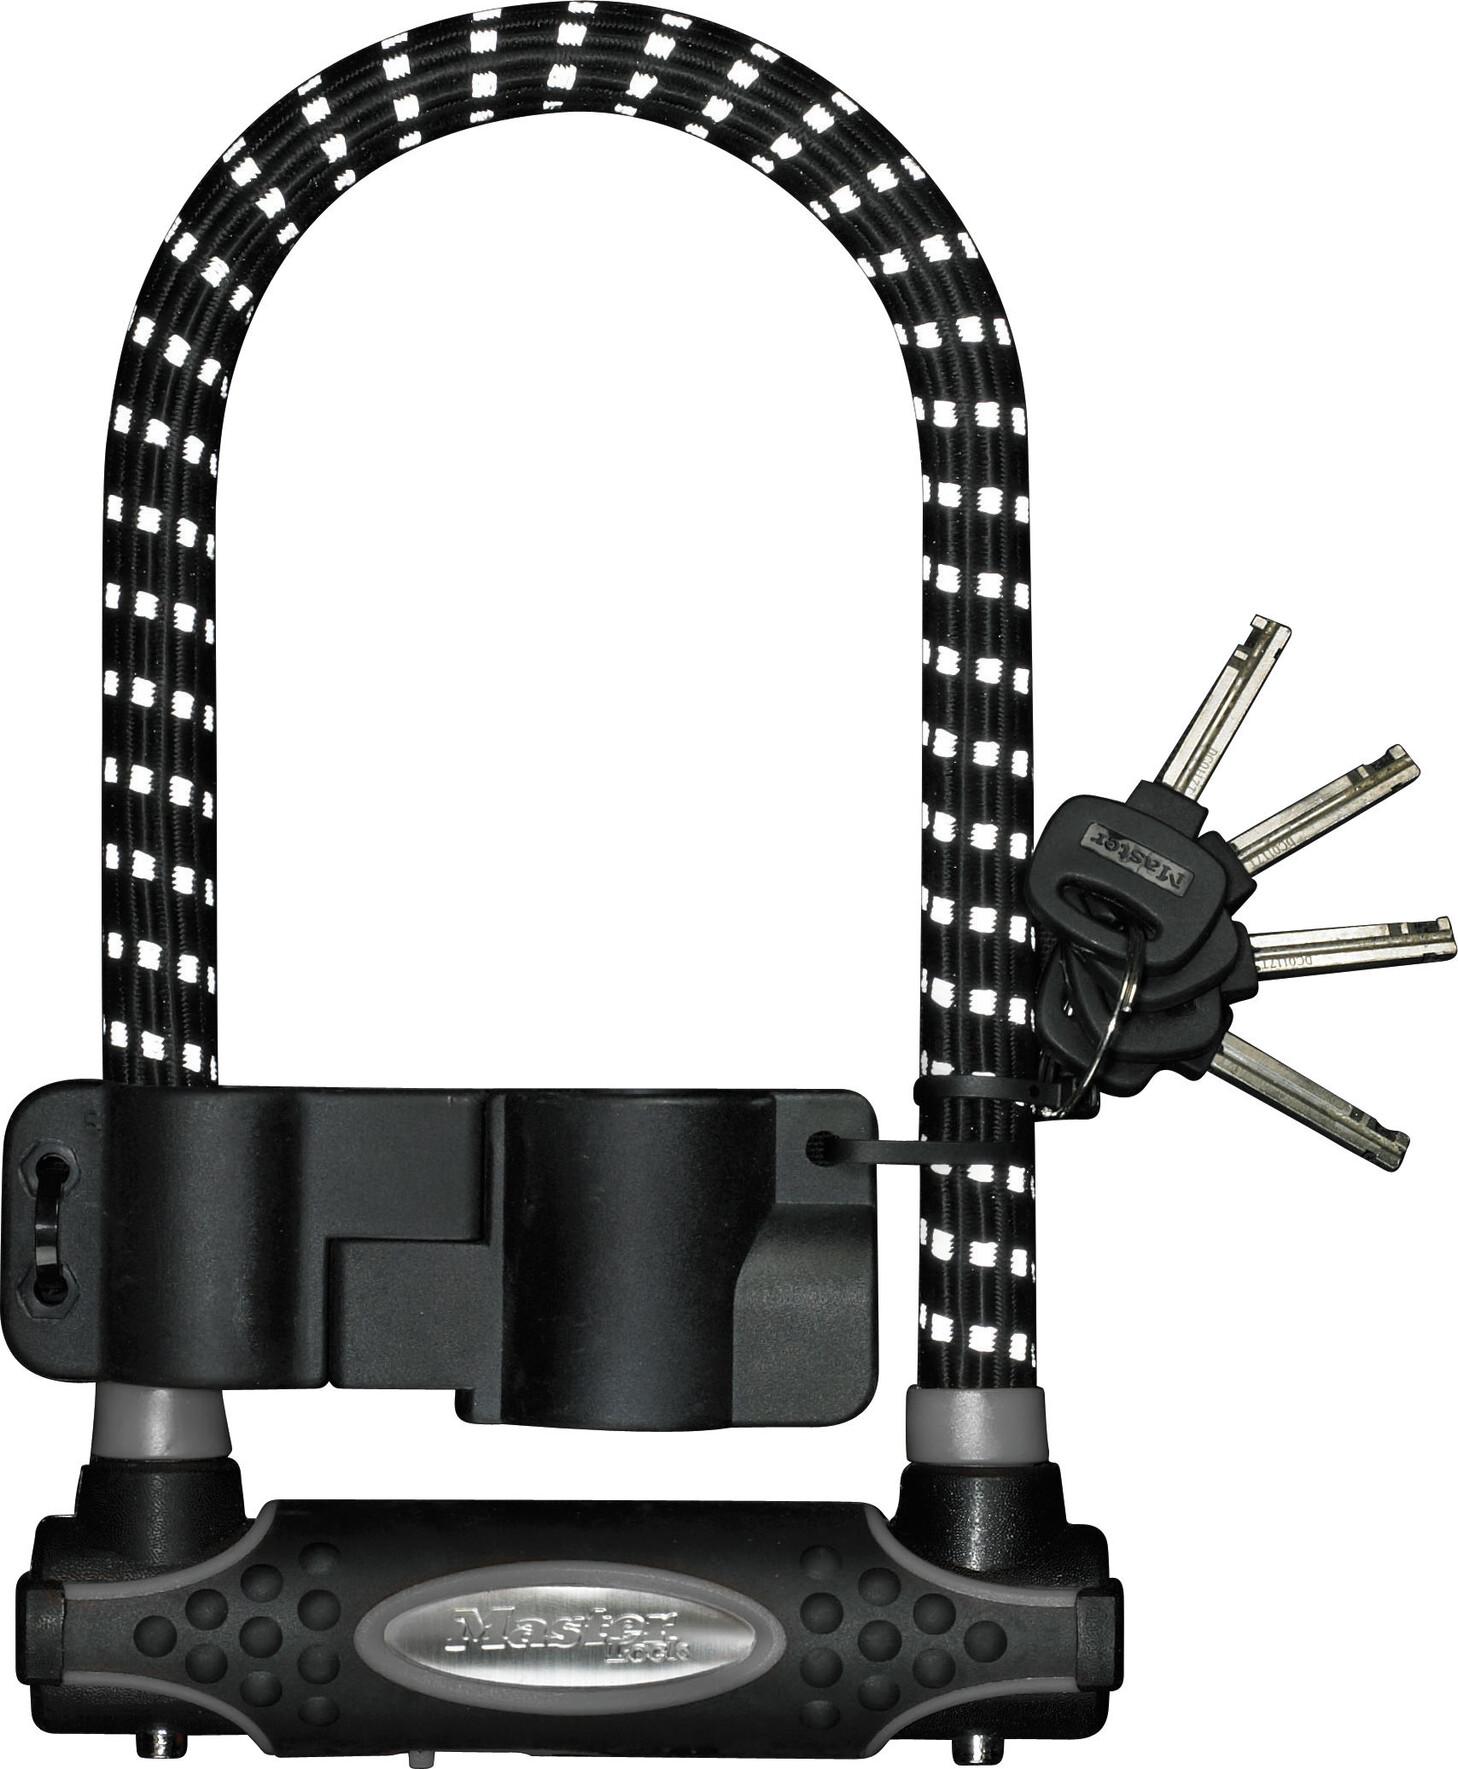 Masterlock 8195 U-Lock 13 mm x 210 mm x 110 mm, black/reflex (2019)   Løse låse